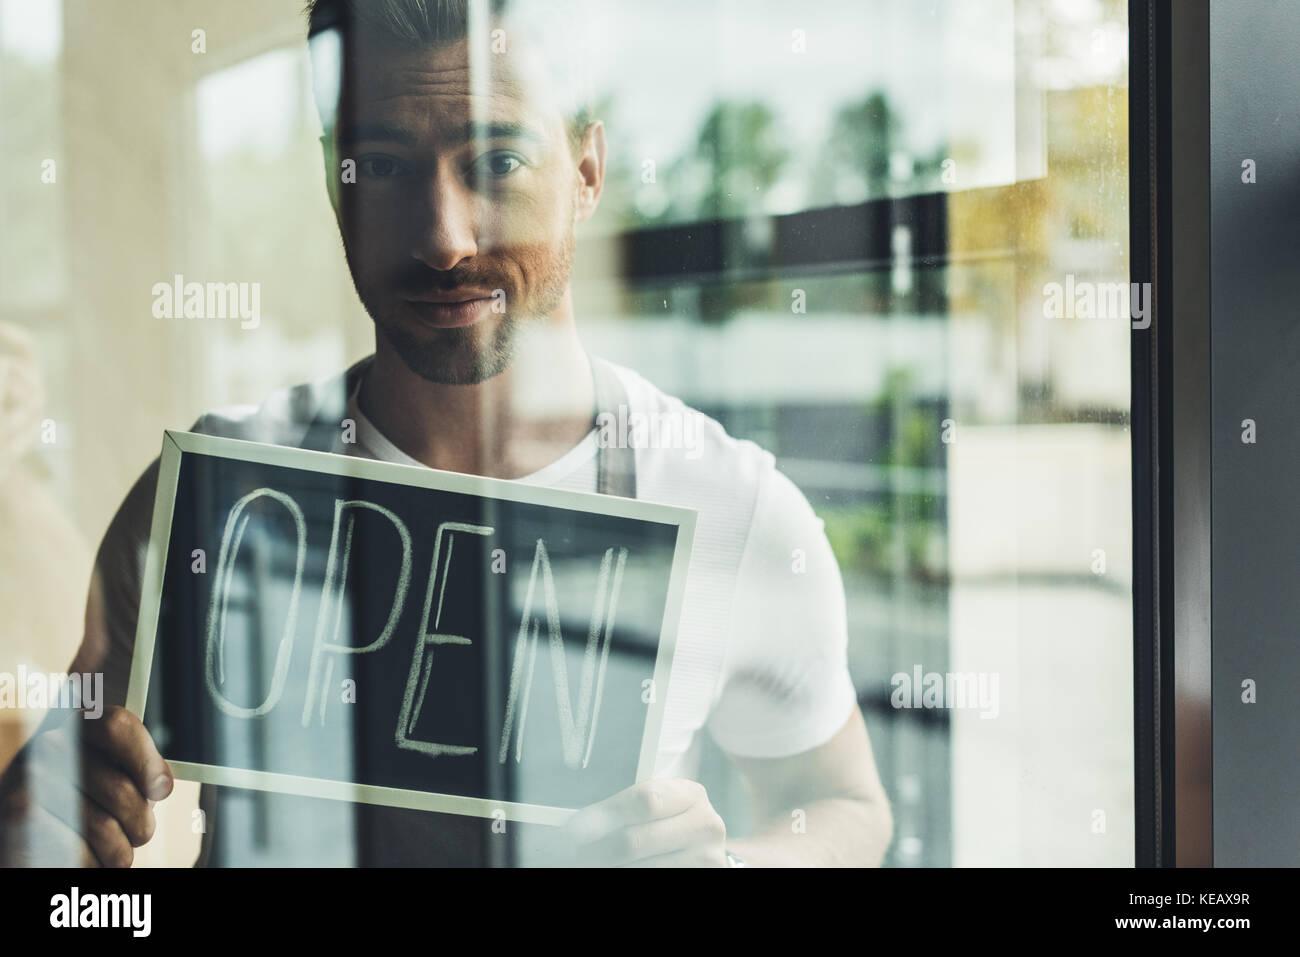 El camarero la celebración de pizarra con abrir Word Imagen De Stock